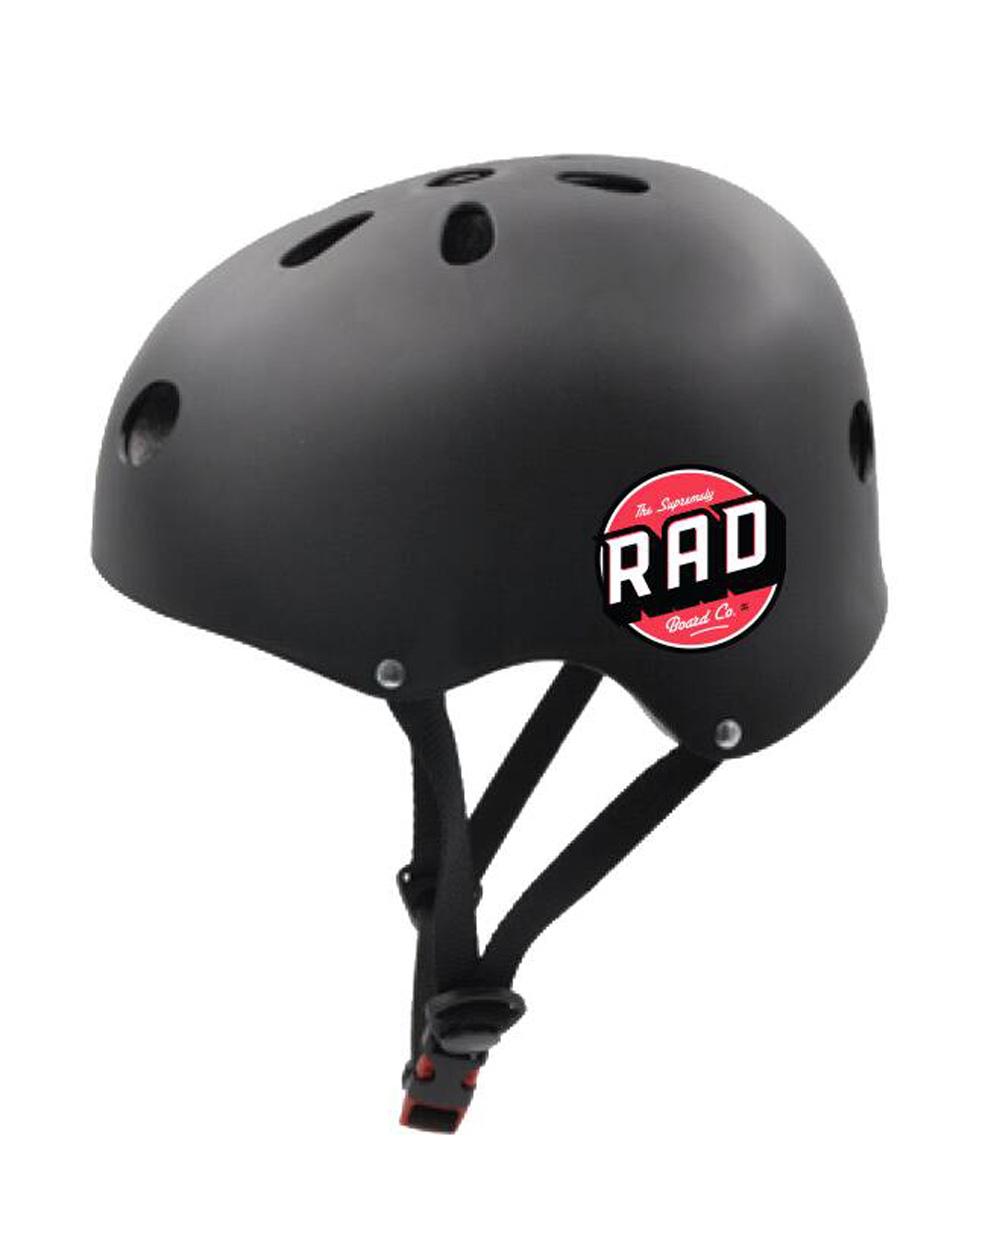 Rad Casco Skateboard Multi Skate Black